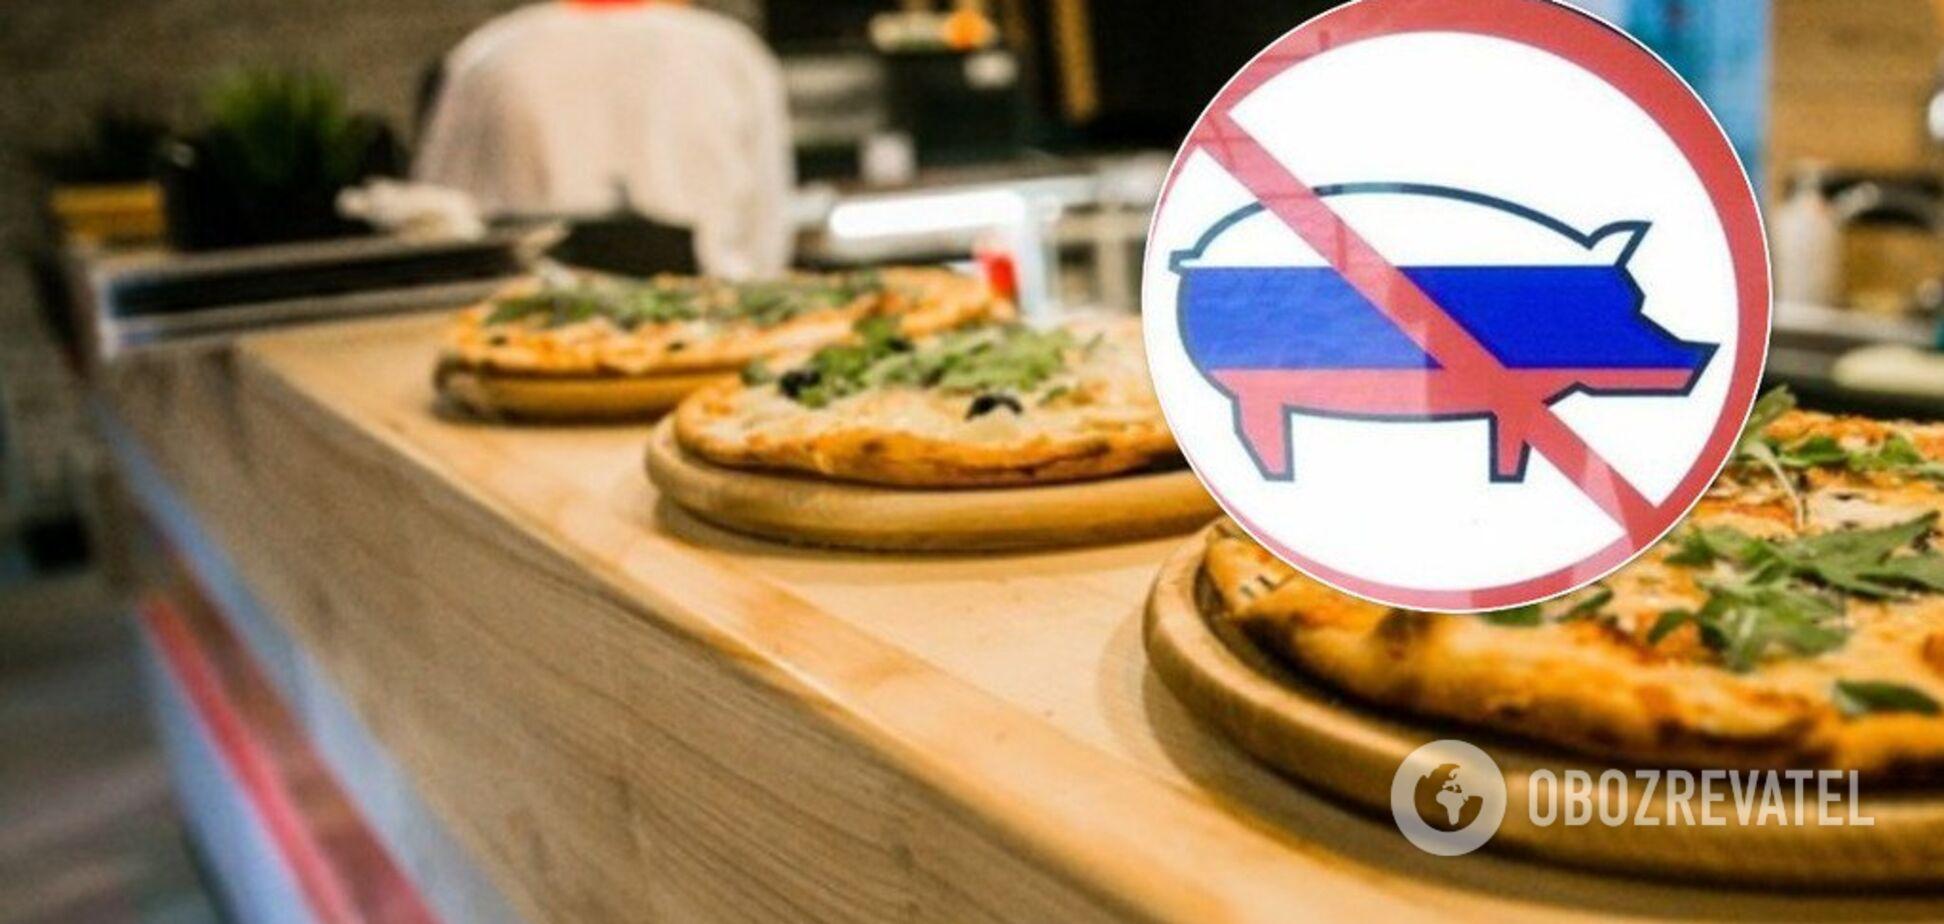 'Попередження': в Чернівцях на кафе наклеїли 'свиню' у вигляді прапора Росії